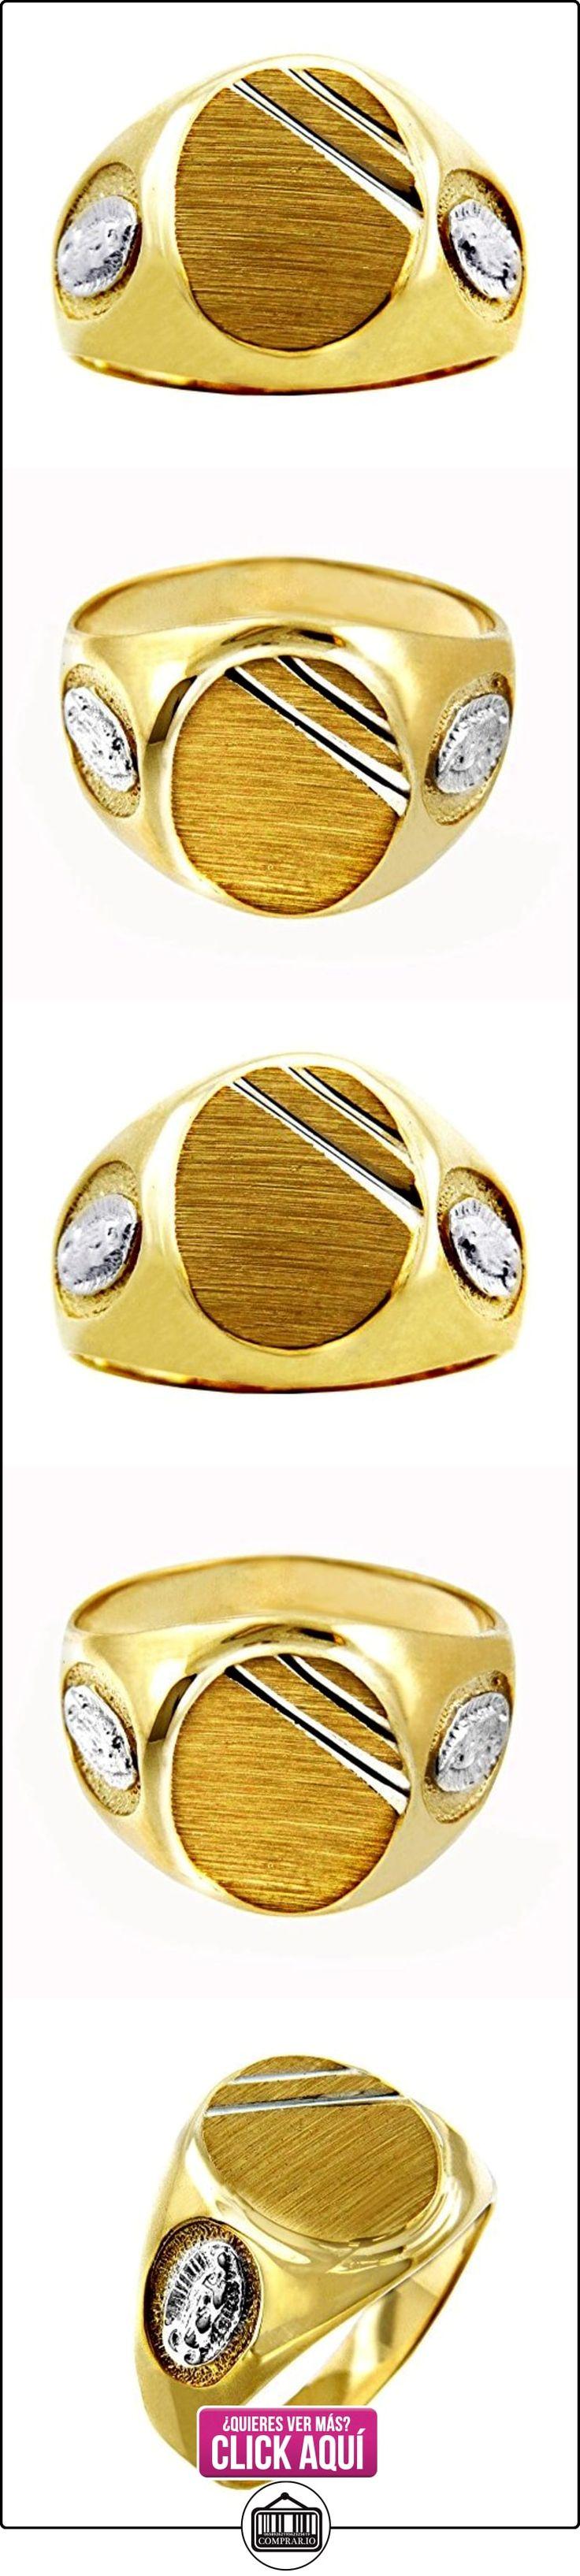 Pequeños Tesoros - Anillos Hombres 10 Kt Oro 471/1000 Femme De Guadalupe 2 Colores Sortija De sello  ✿ Joyas para hombres especiales - lujo ✿ ▬► Ver oferta: http://comprar.io/goto/B012780WK0